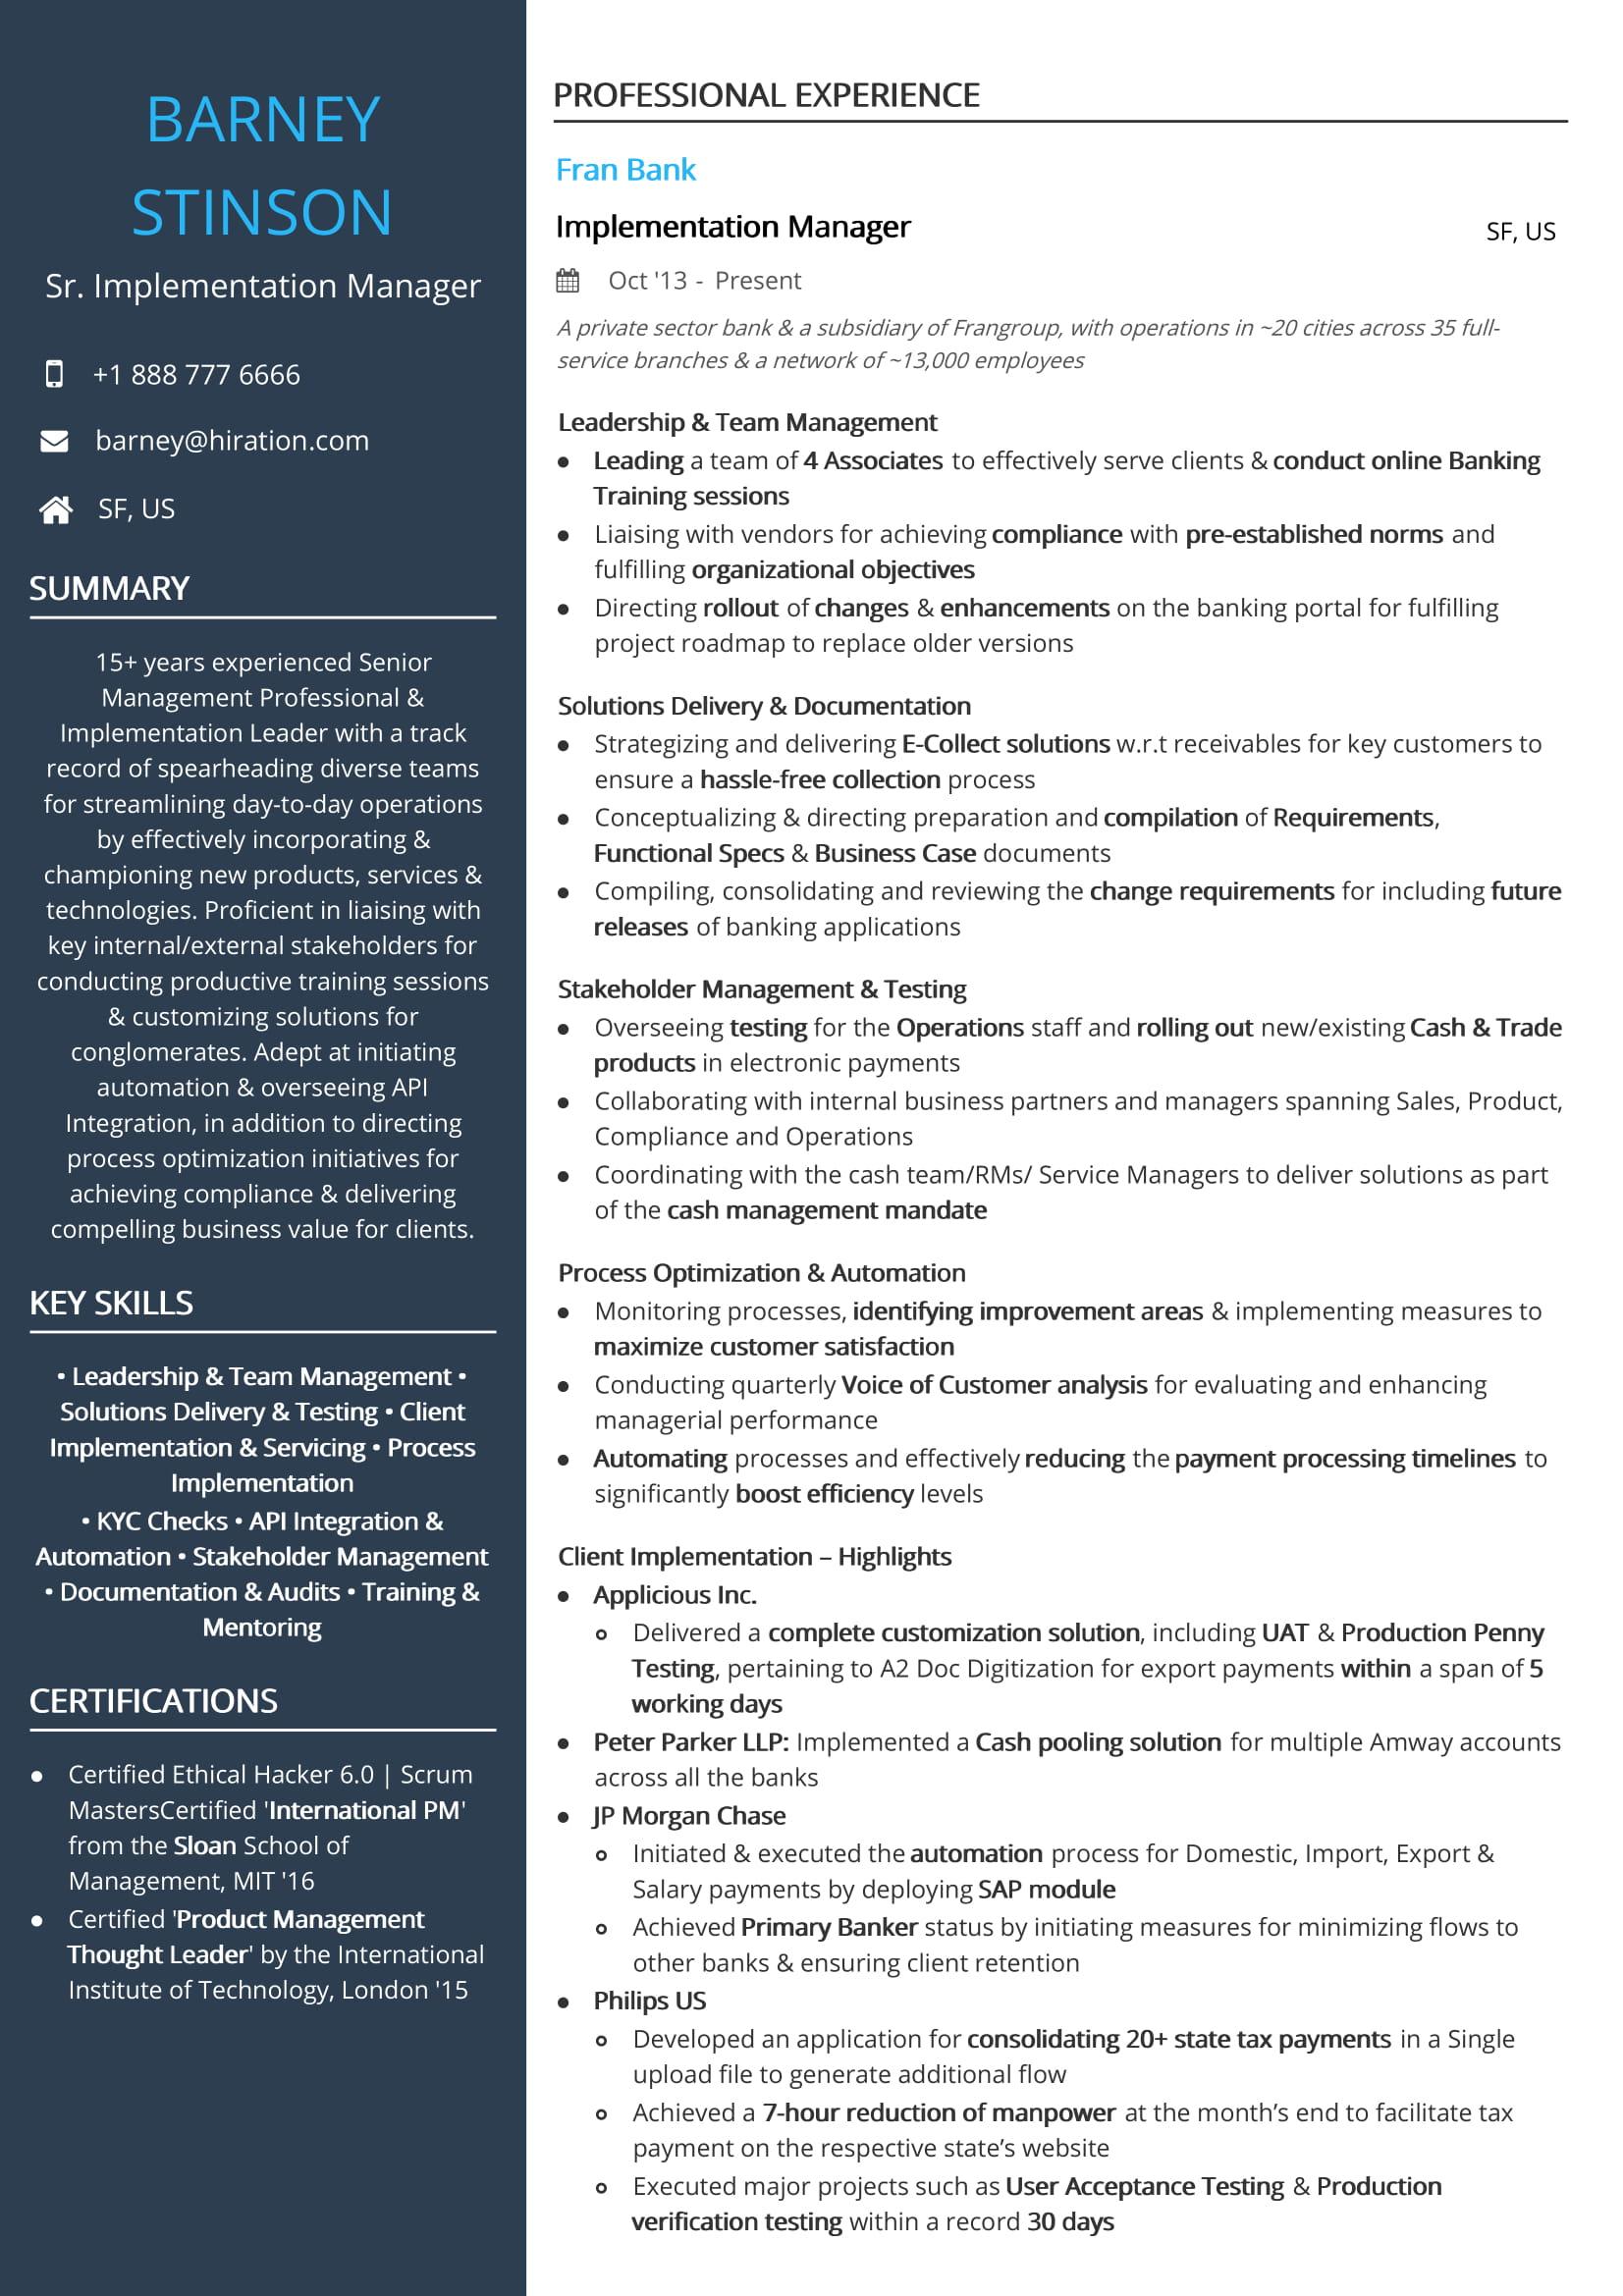 Implementation Manager Resume Bijeefopijburgnl